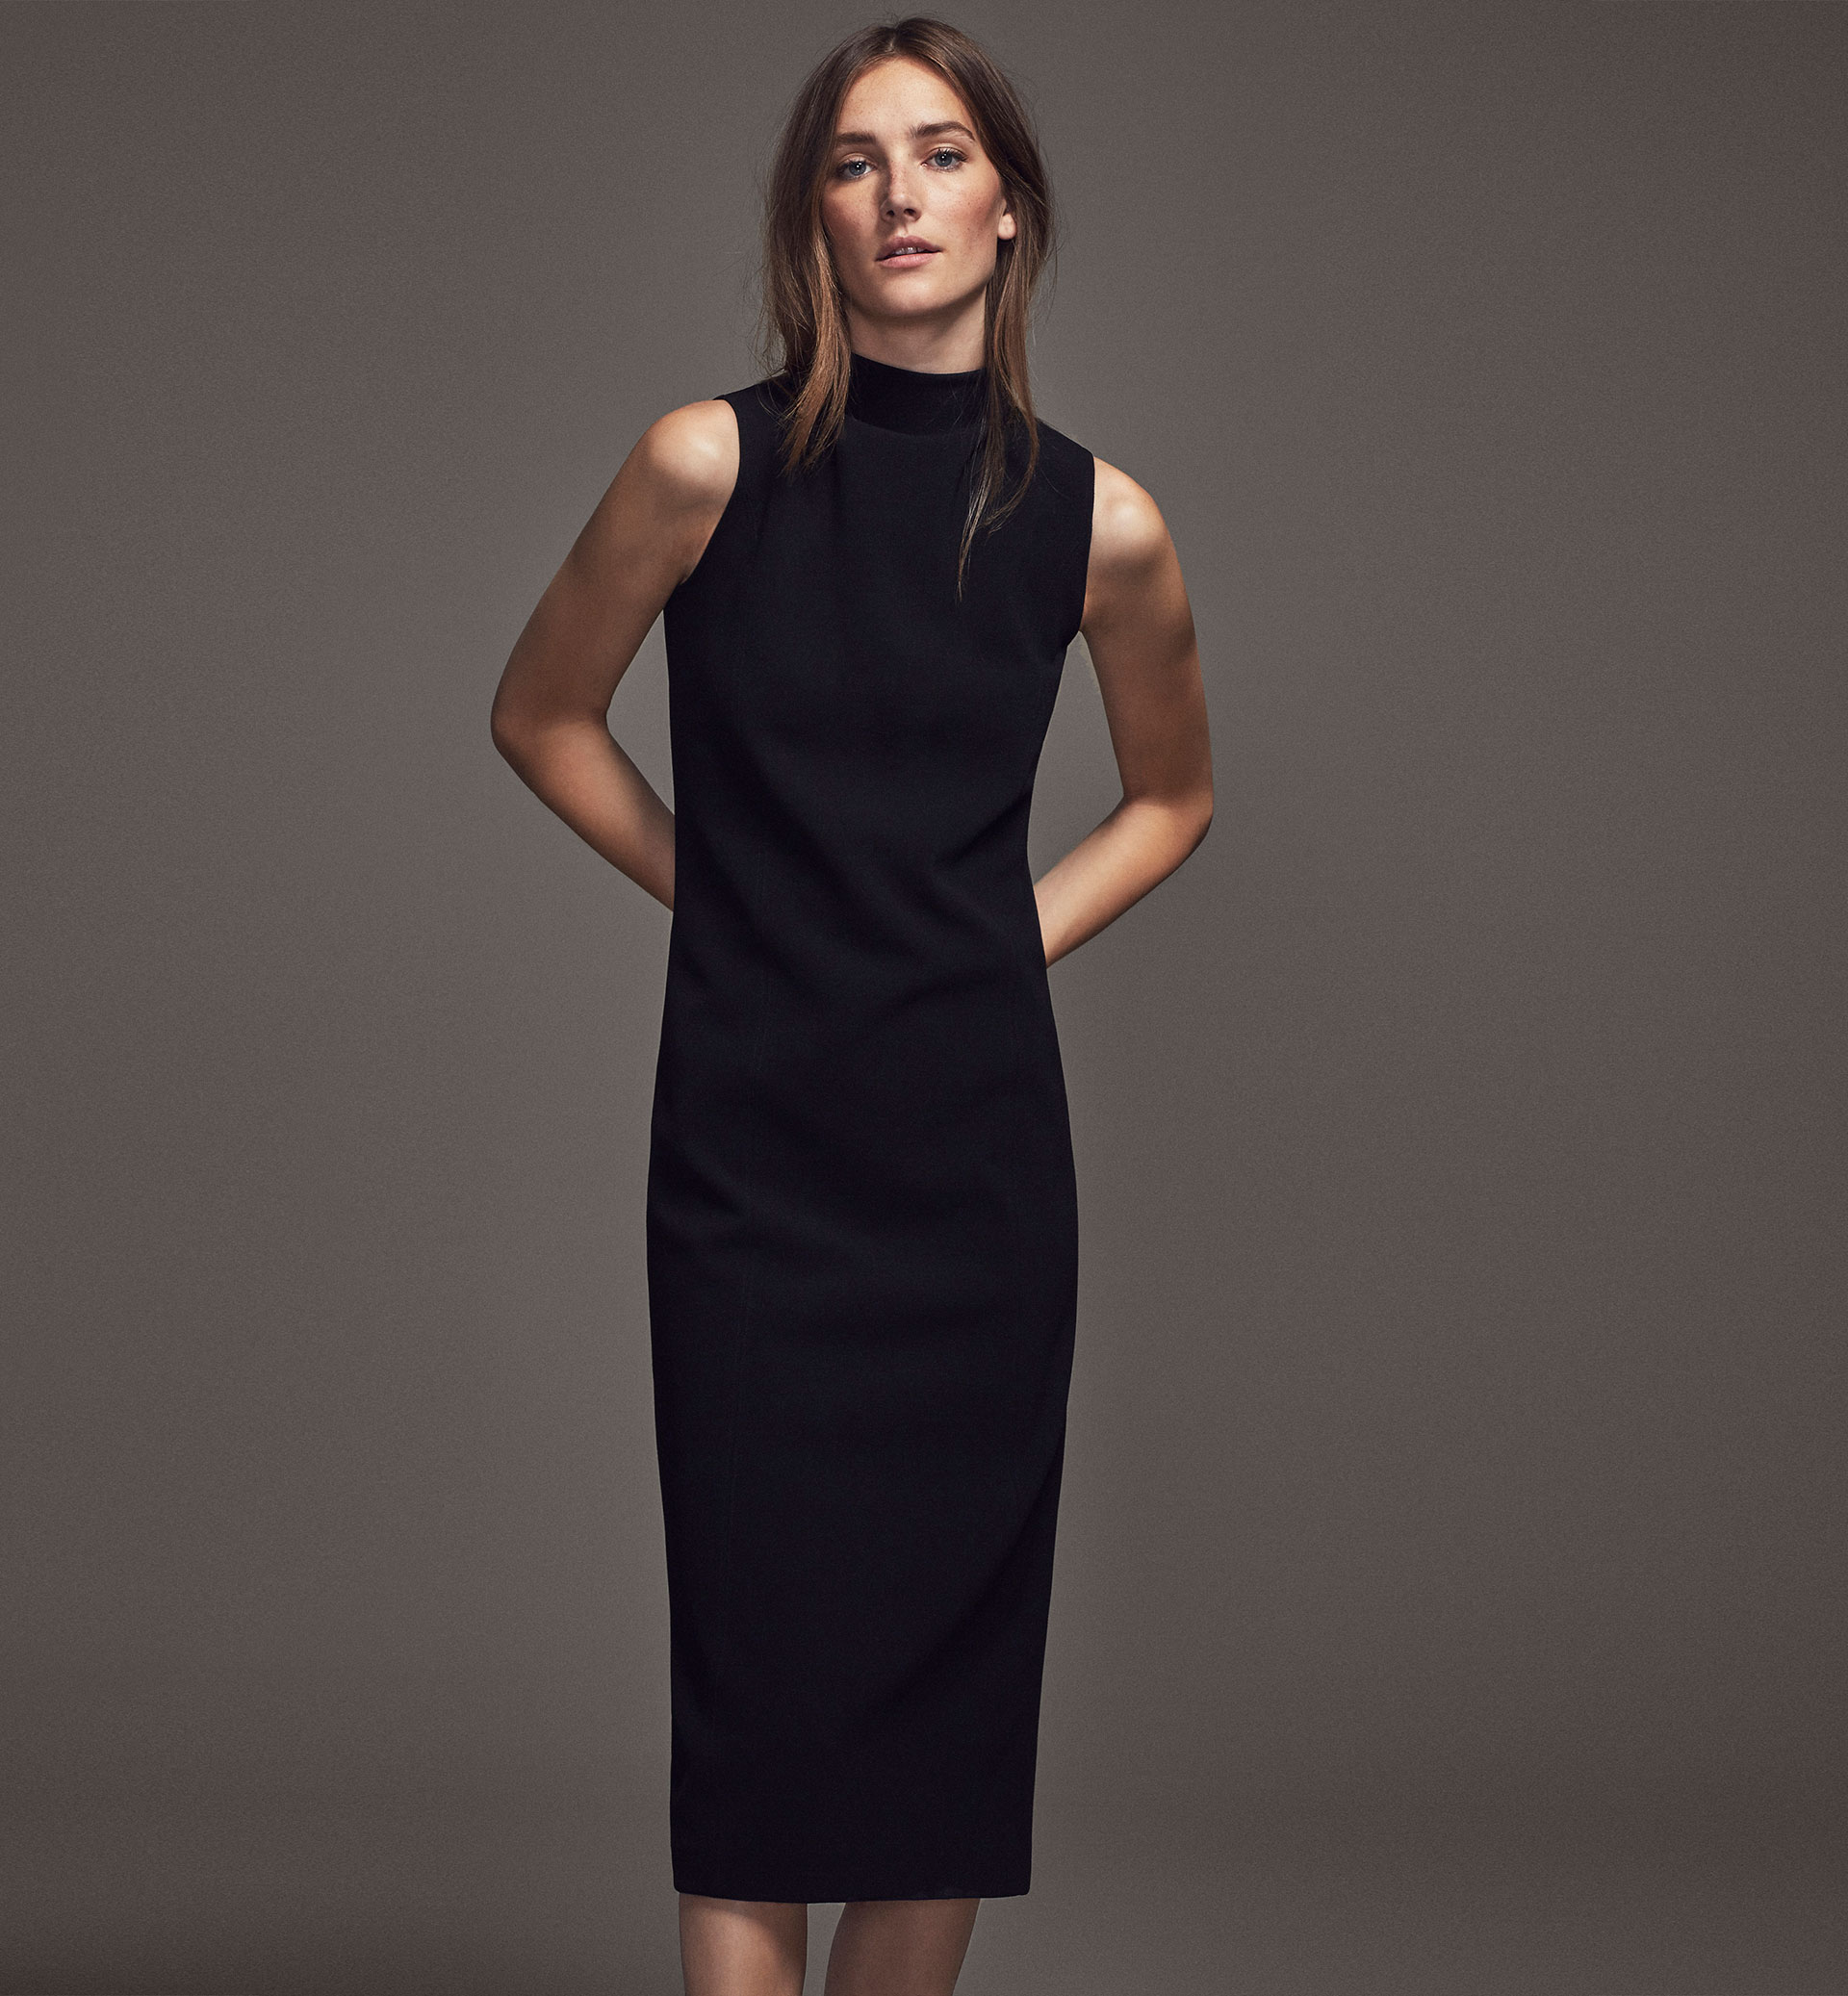 53d61a178b8 Quelle robe porter lors d un dîner professionnel   - Madame Figaro